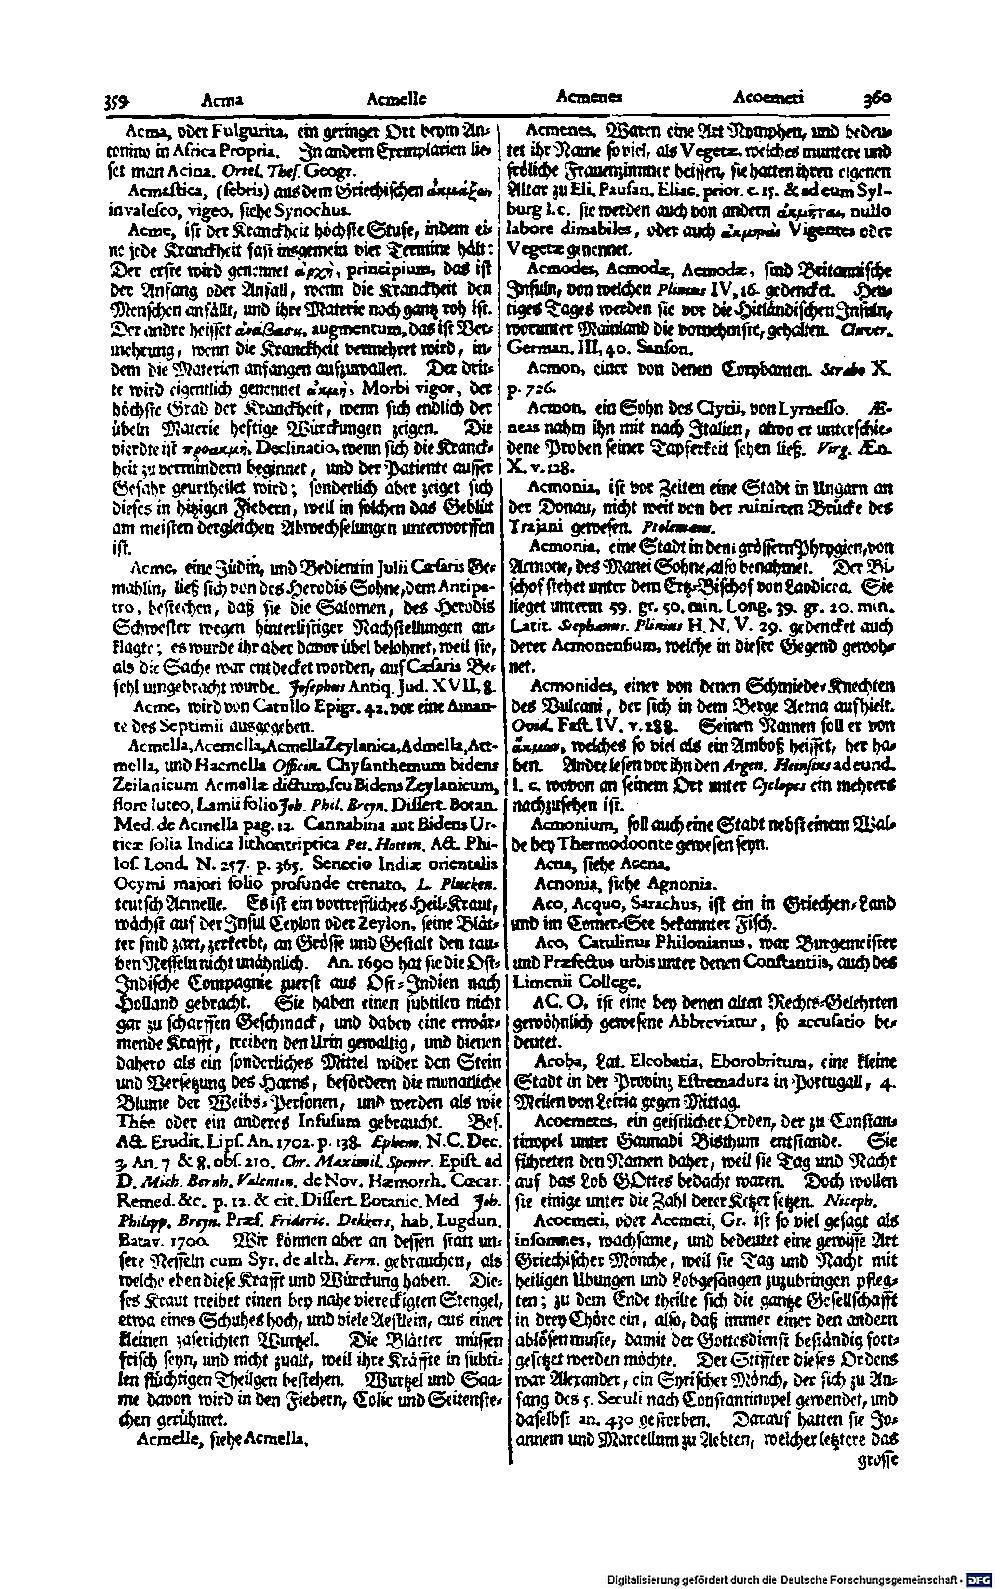 Bd. 01, Seite 0219.